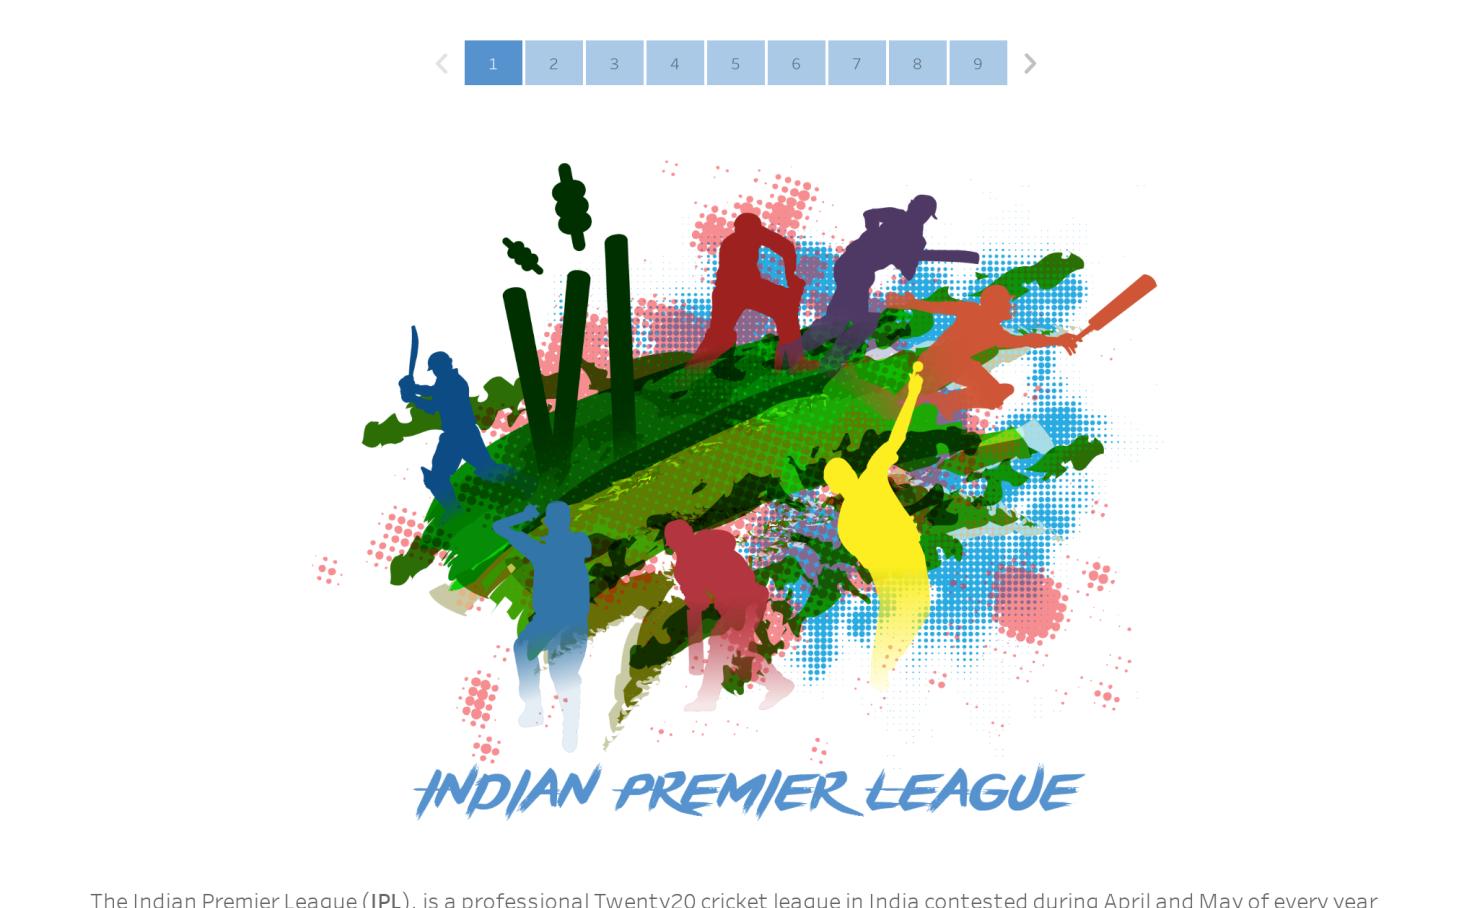 Indian Premier League 2008-2016 - Shivaraj | Tableau Public